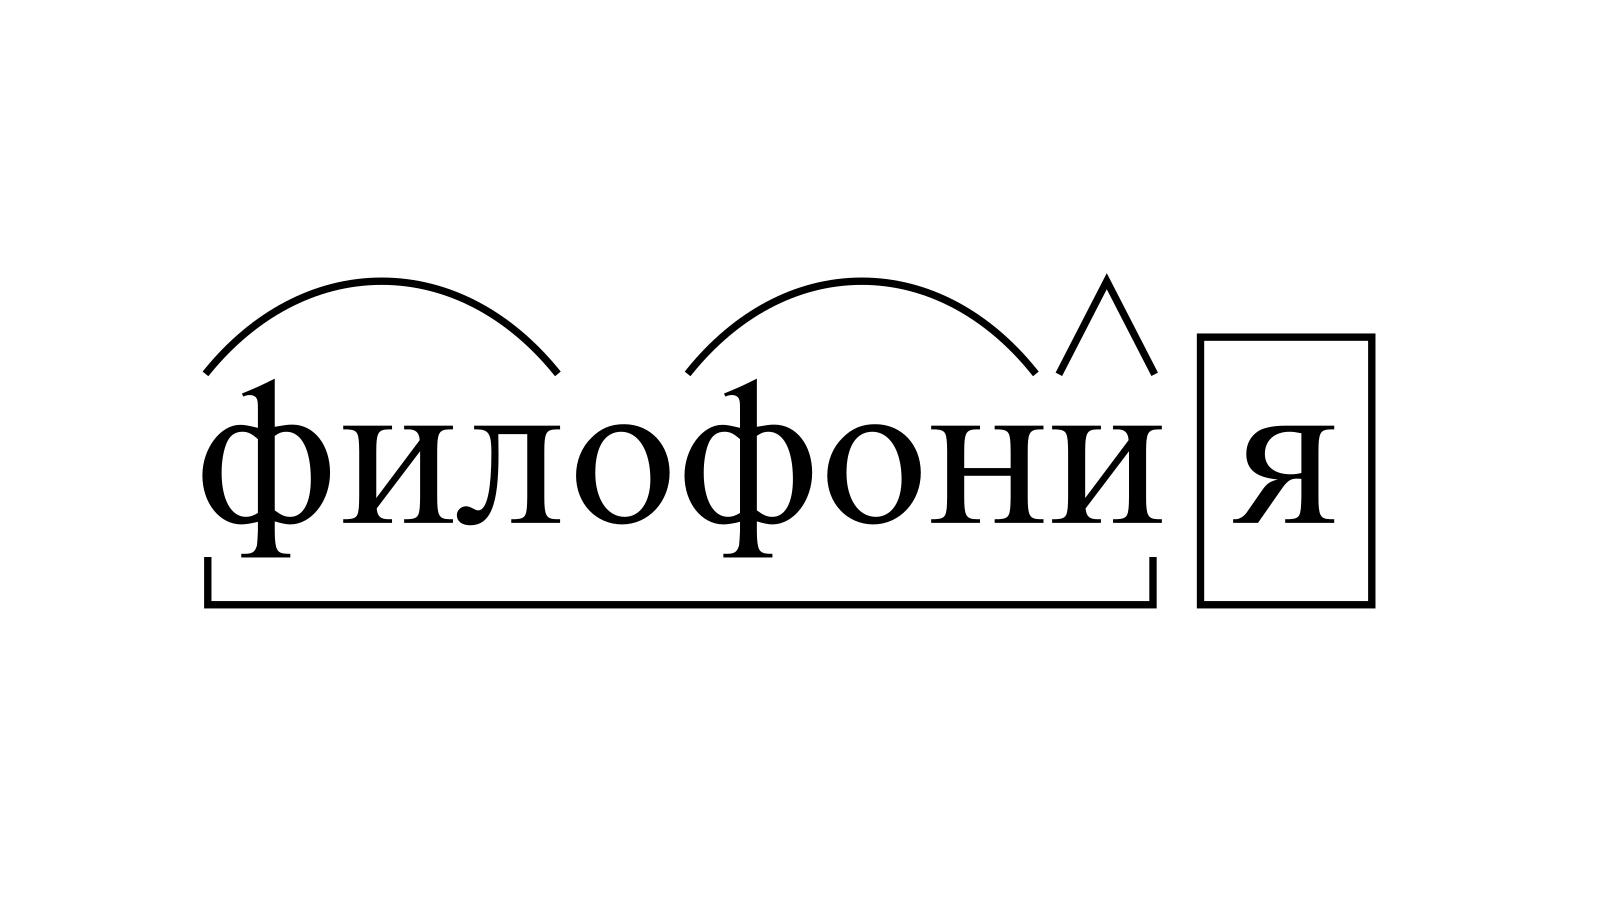 Разбор слова «филофония» по составу